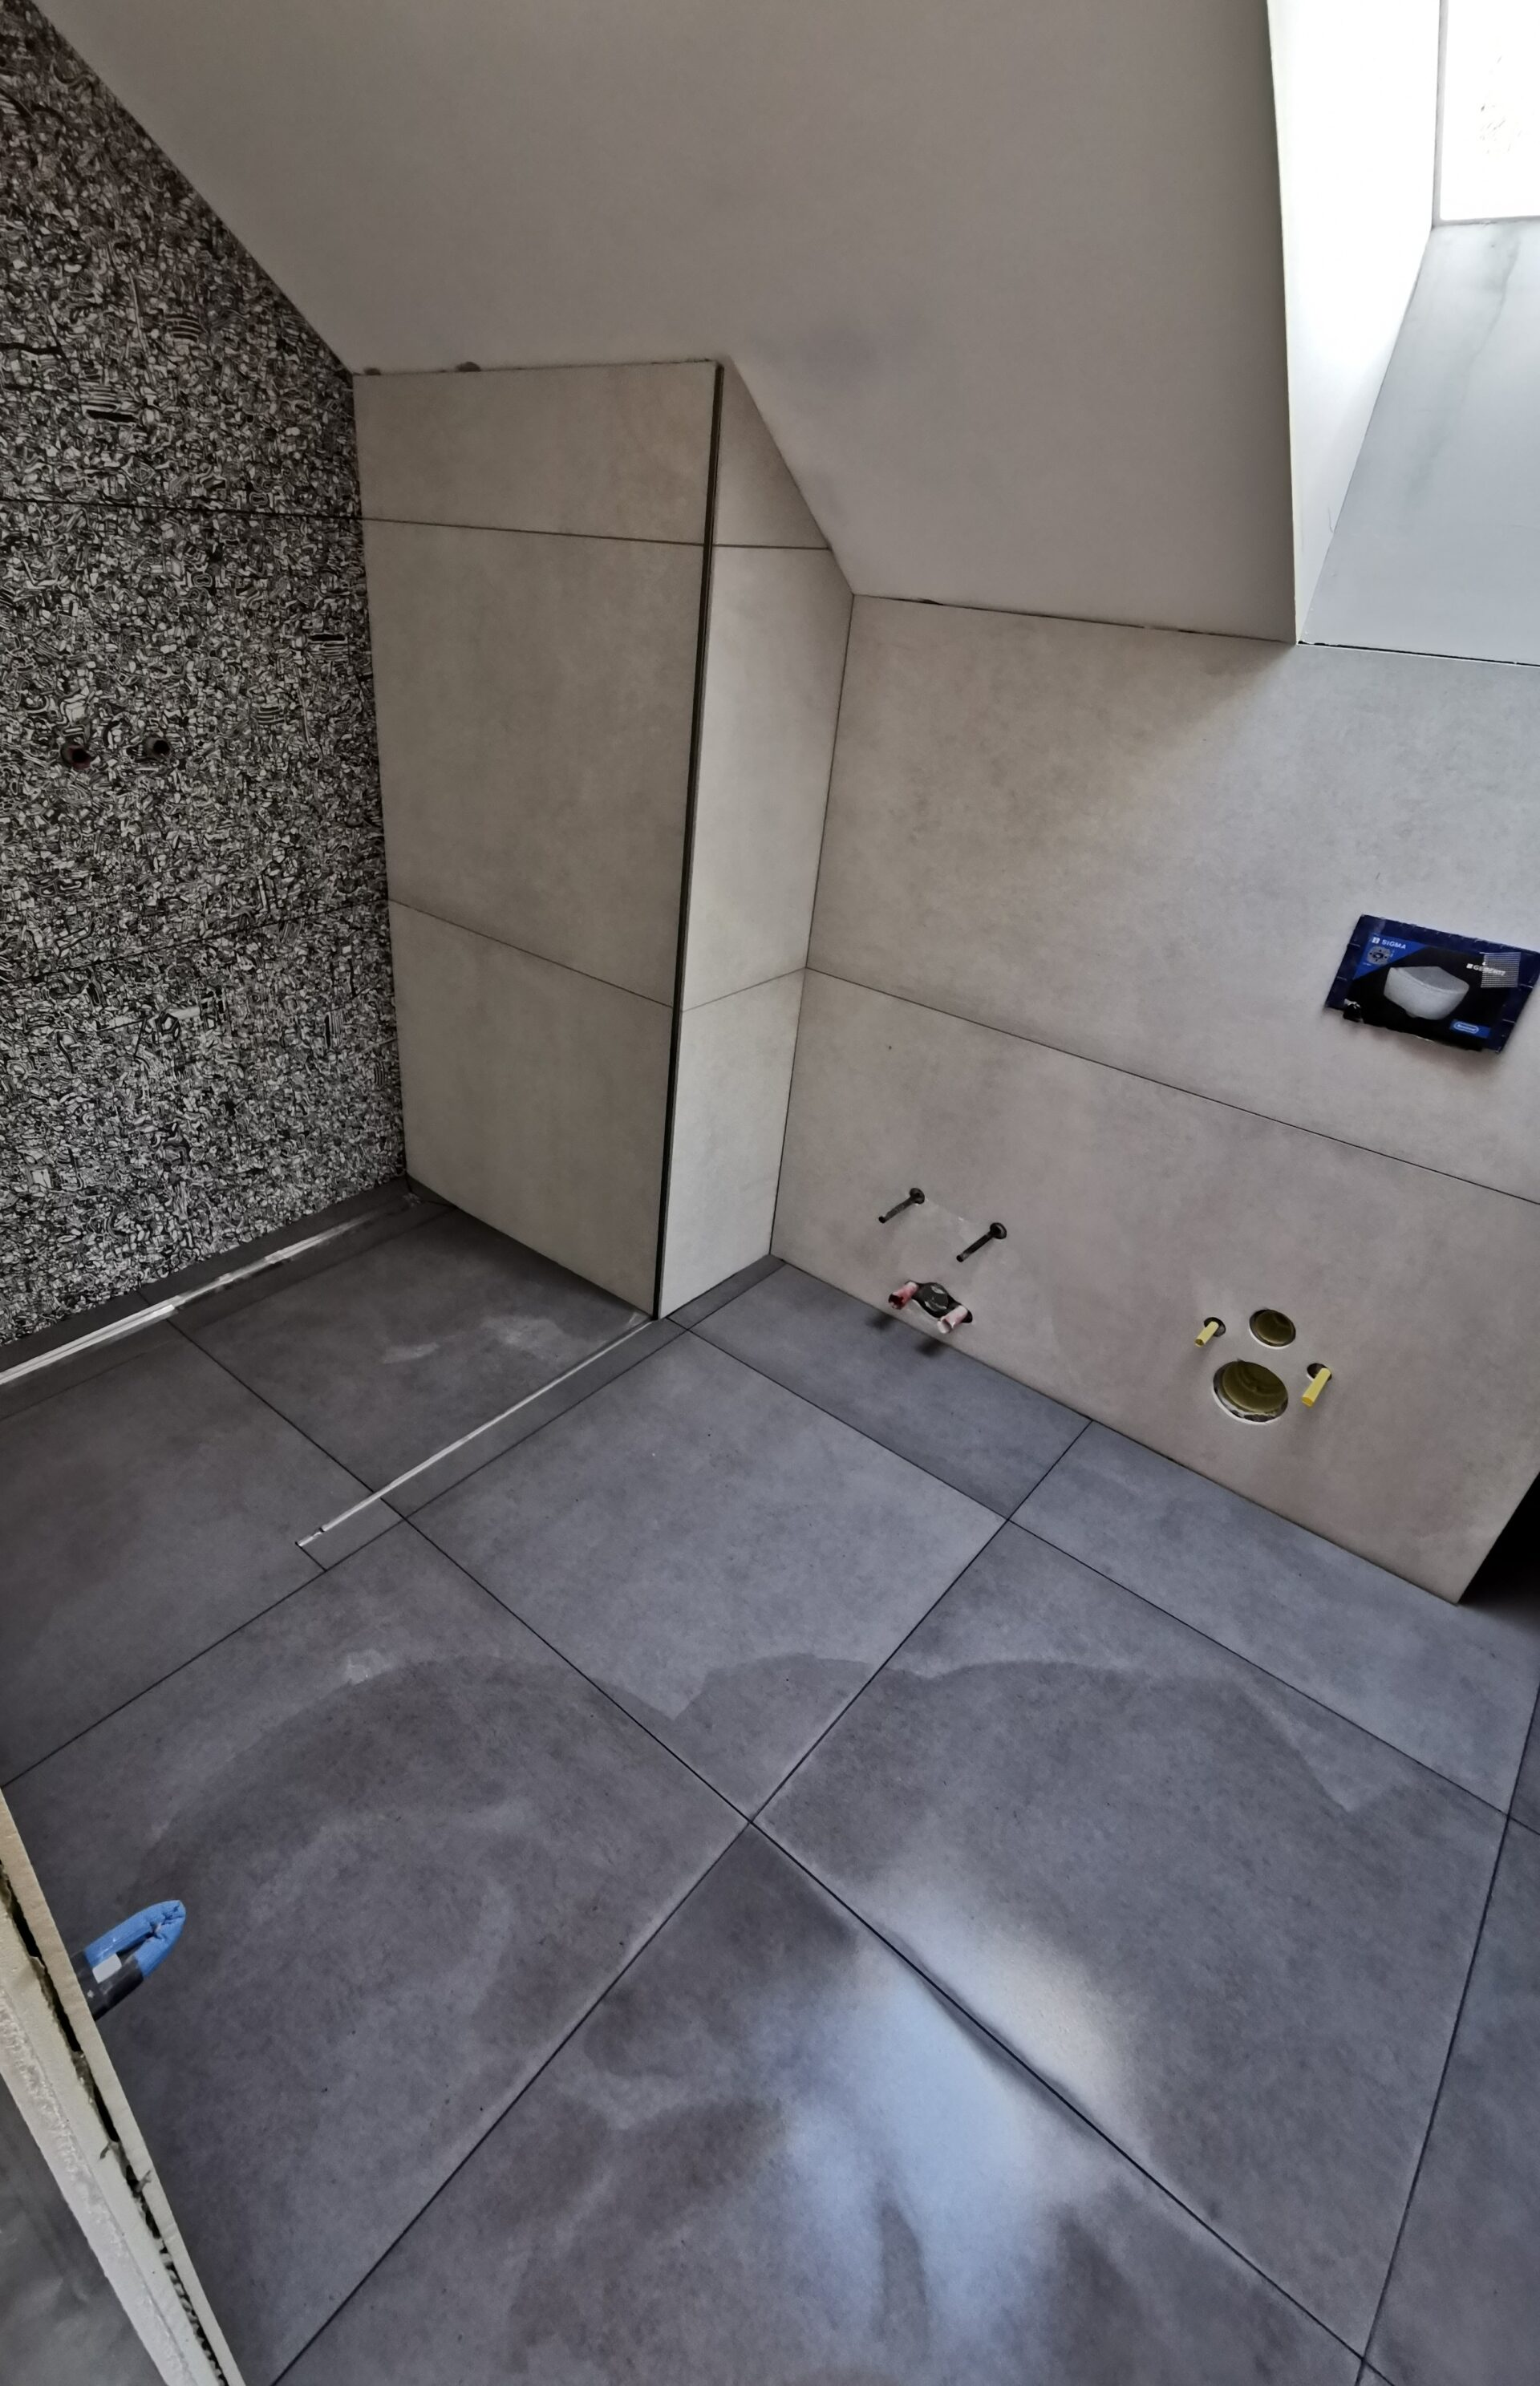 Polaganje keramike v kopalnici na stene in tla 11